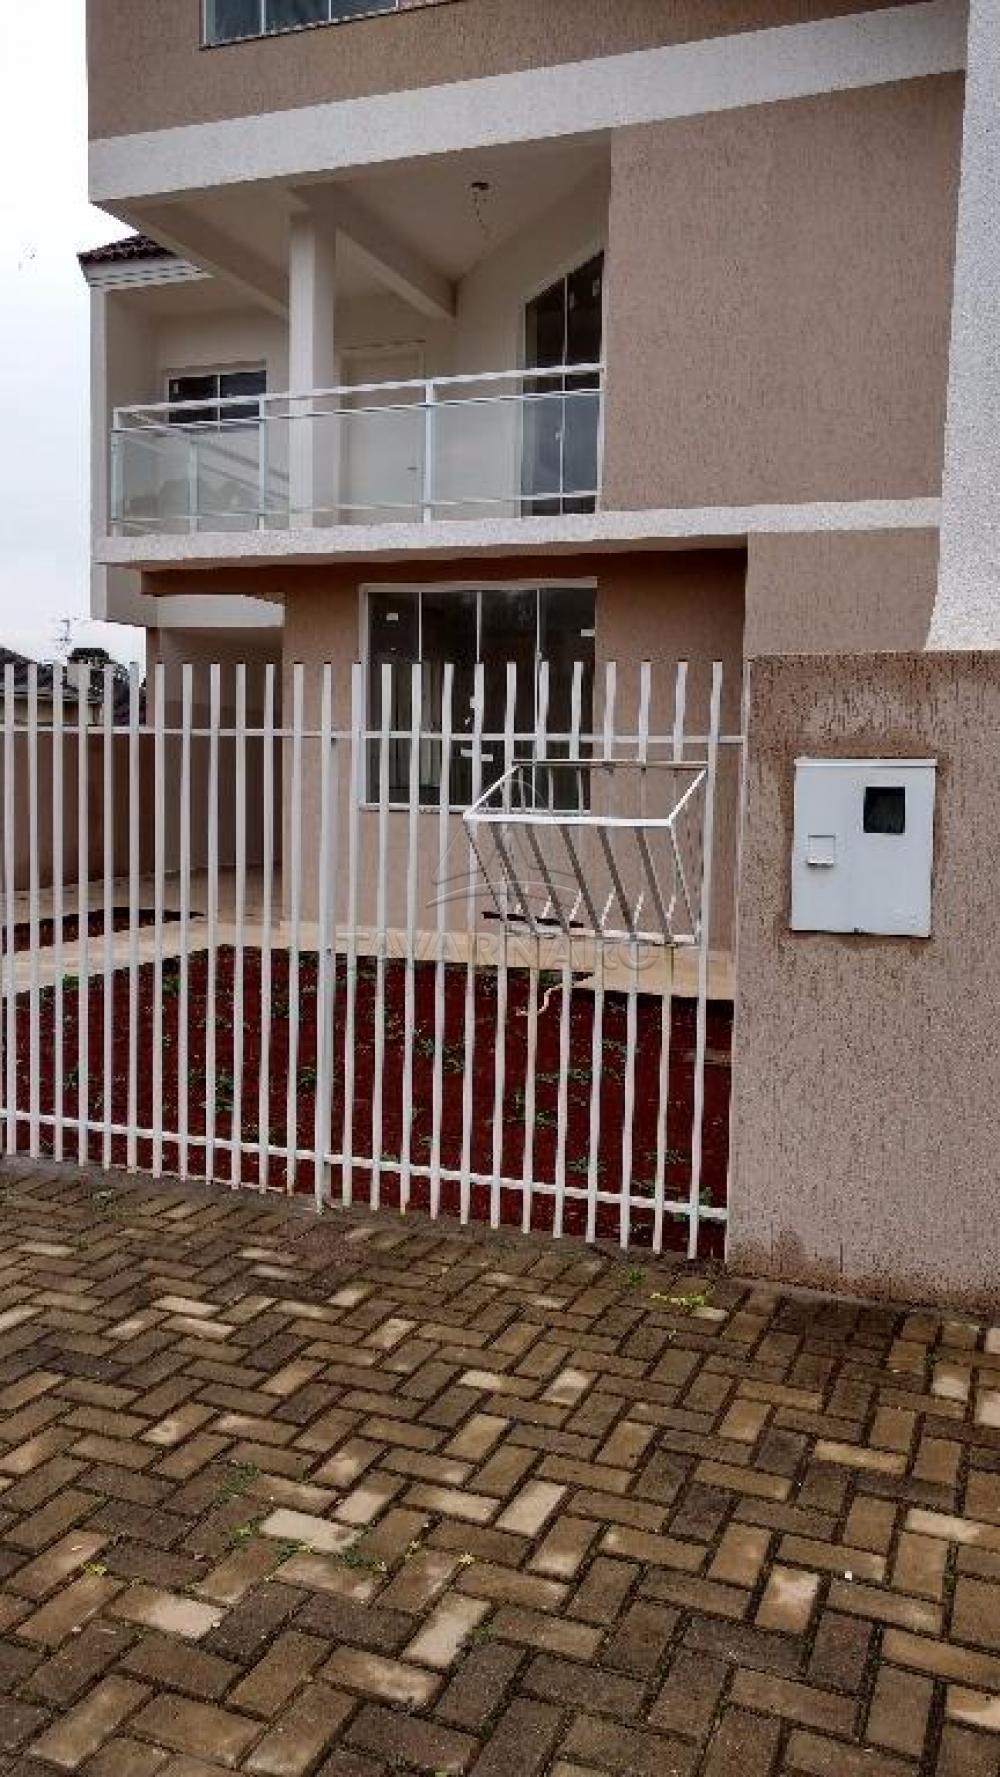 Comprar Casa / Sobrado em Ponta Grossa apenas R$ 700.000,00 - Foto 4